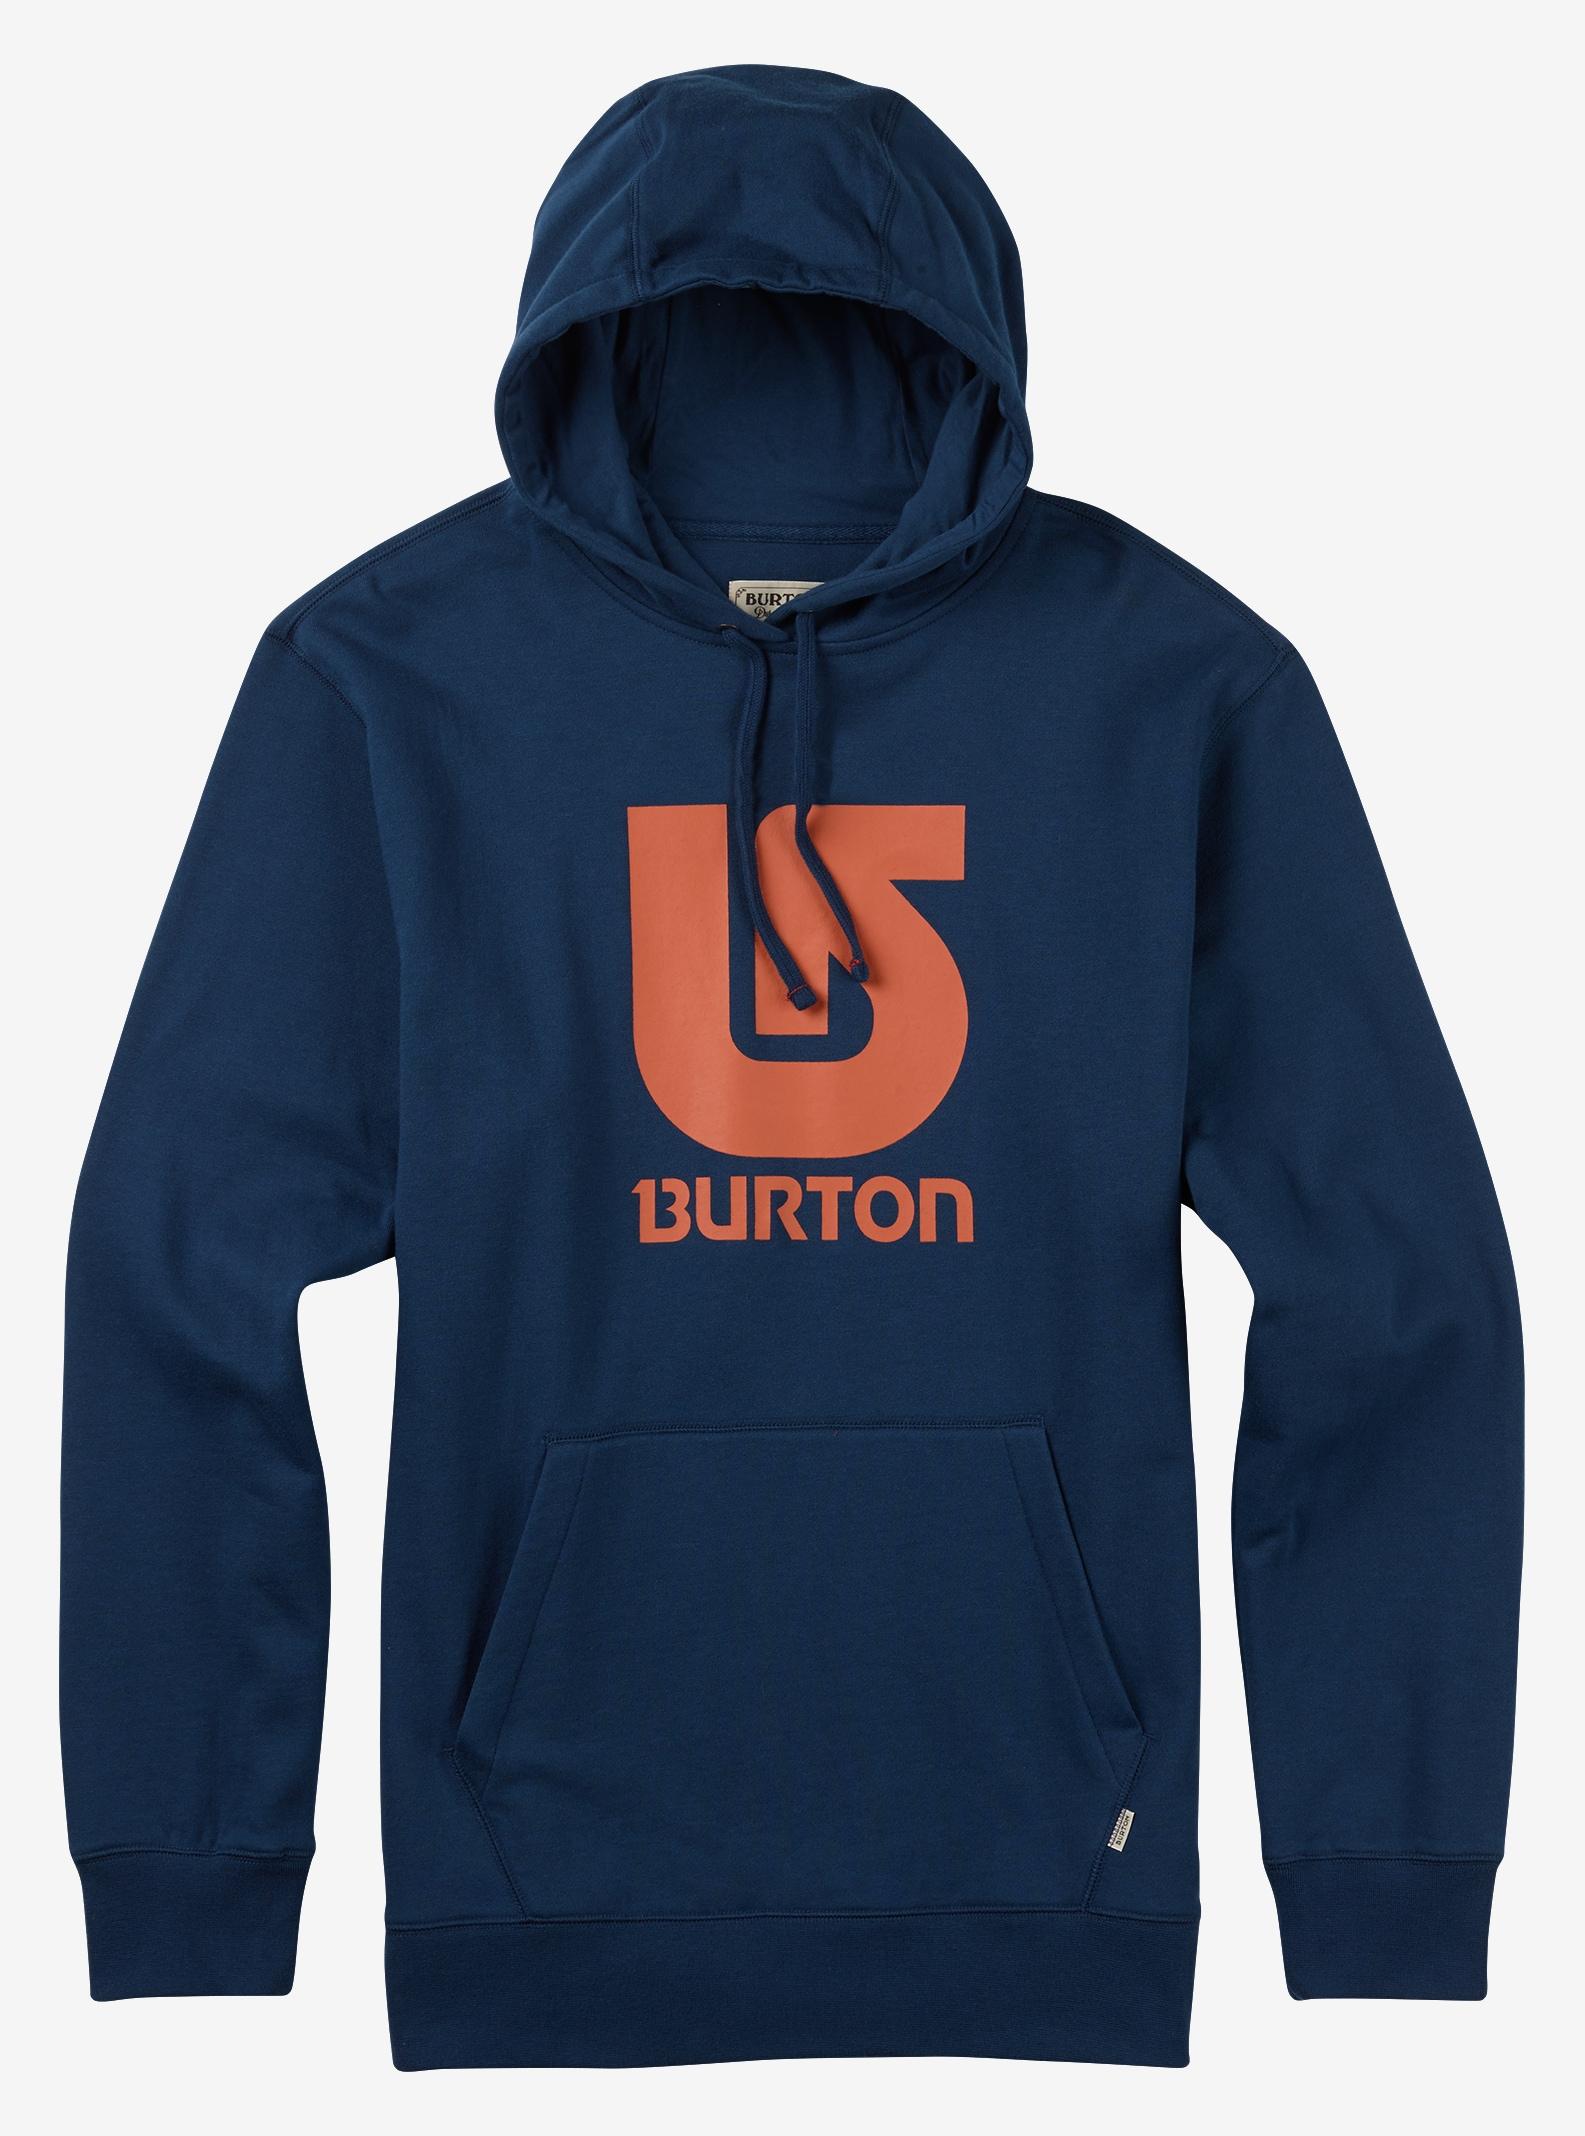 Burton Logo Vert Pullover Hoodie shown in Indigo